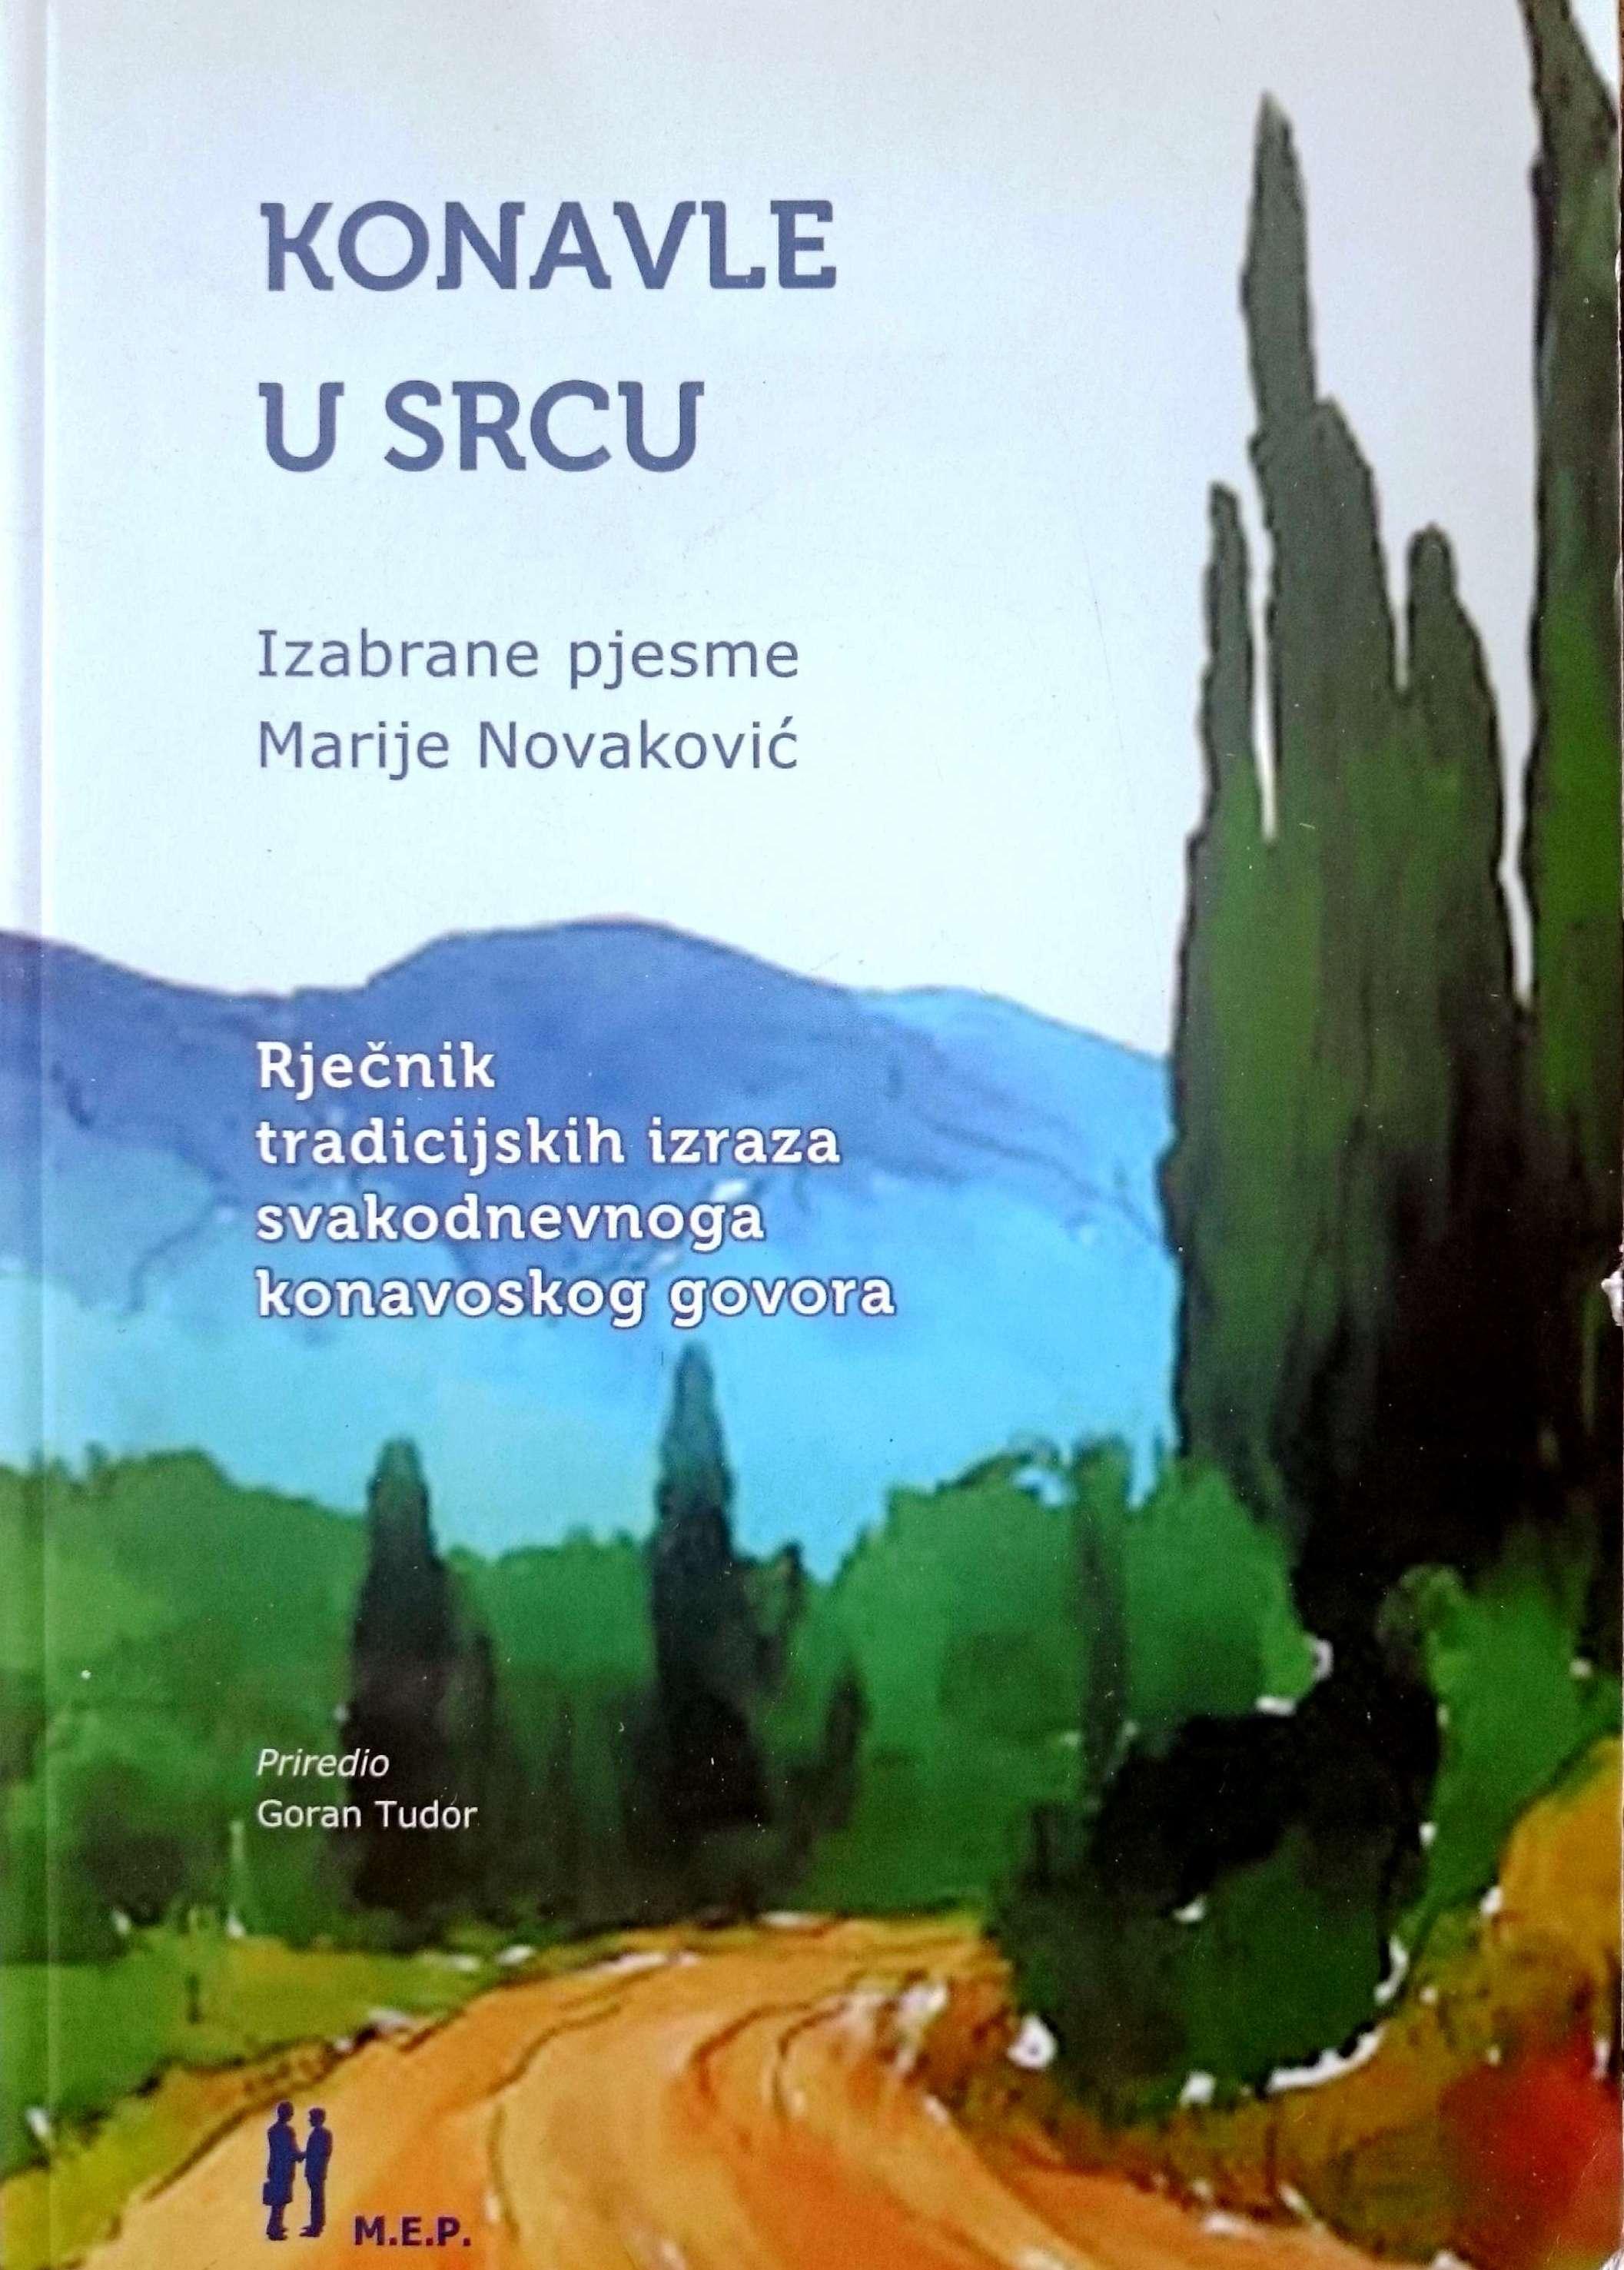 KONAVLE U SRCU - Naruči svoju knjigu